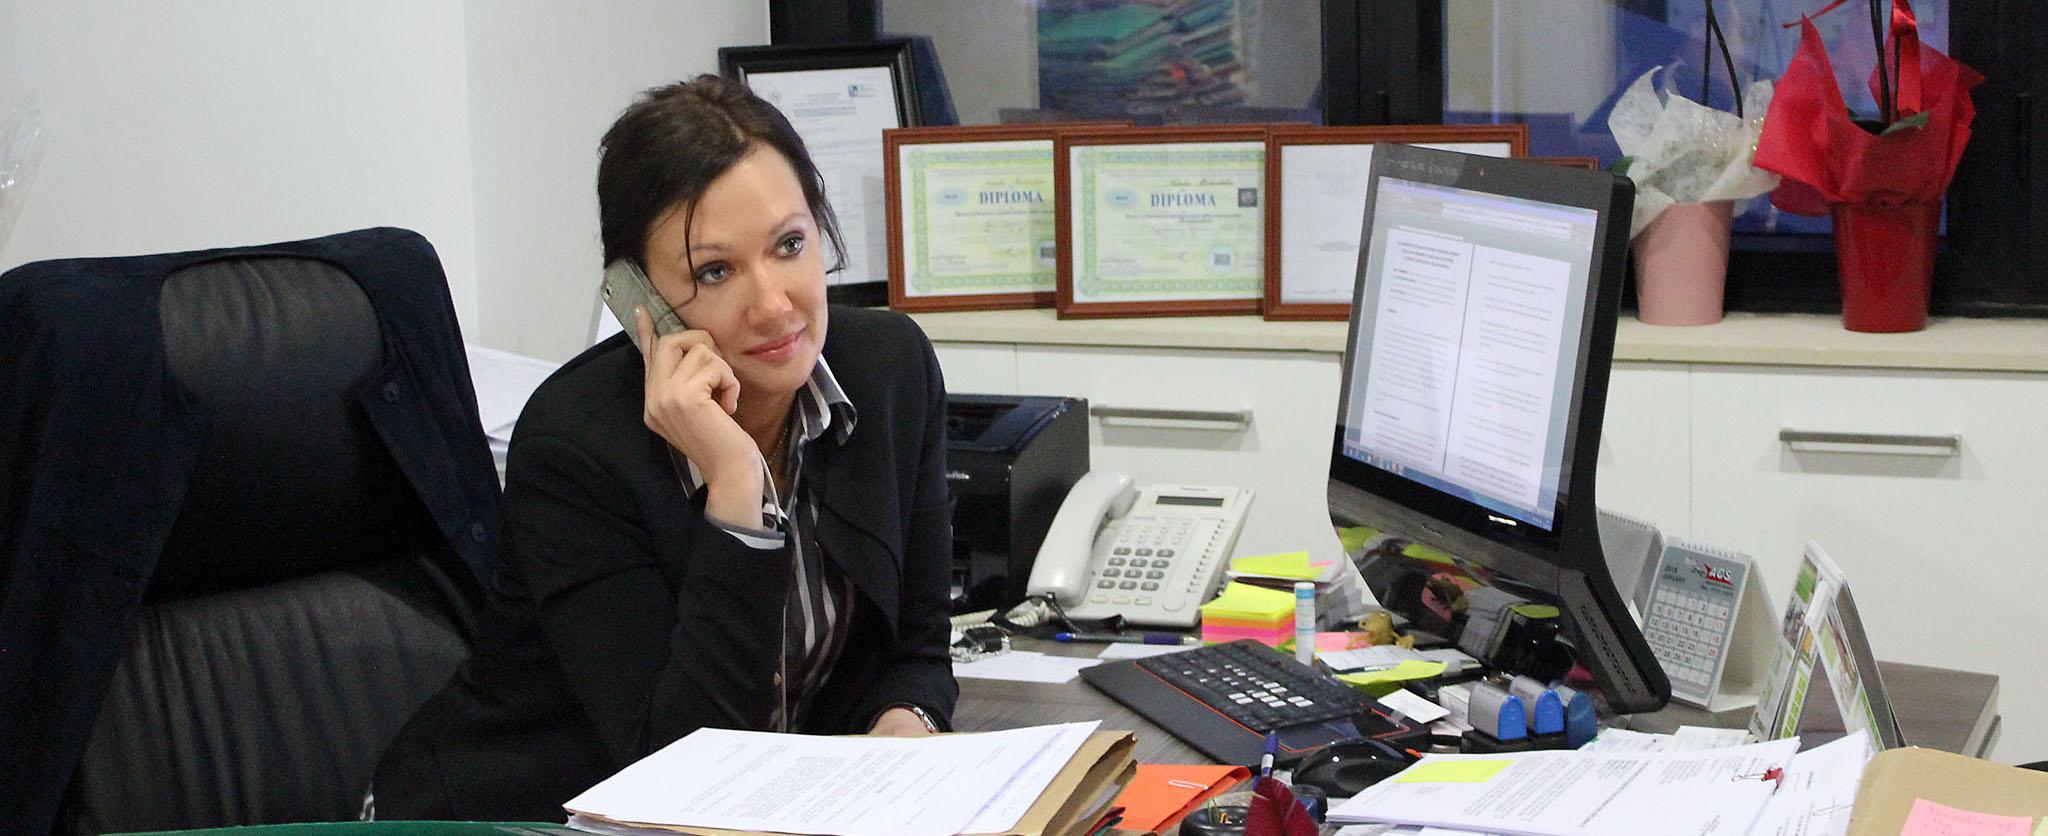 Legal Advisor Natalia Michailidou